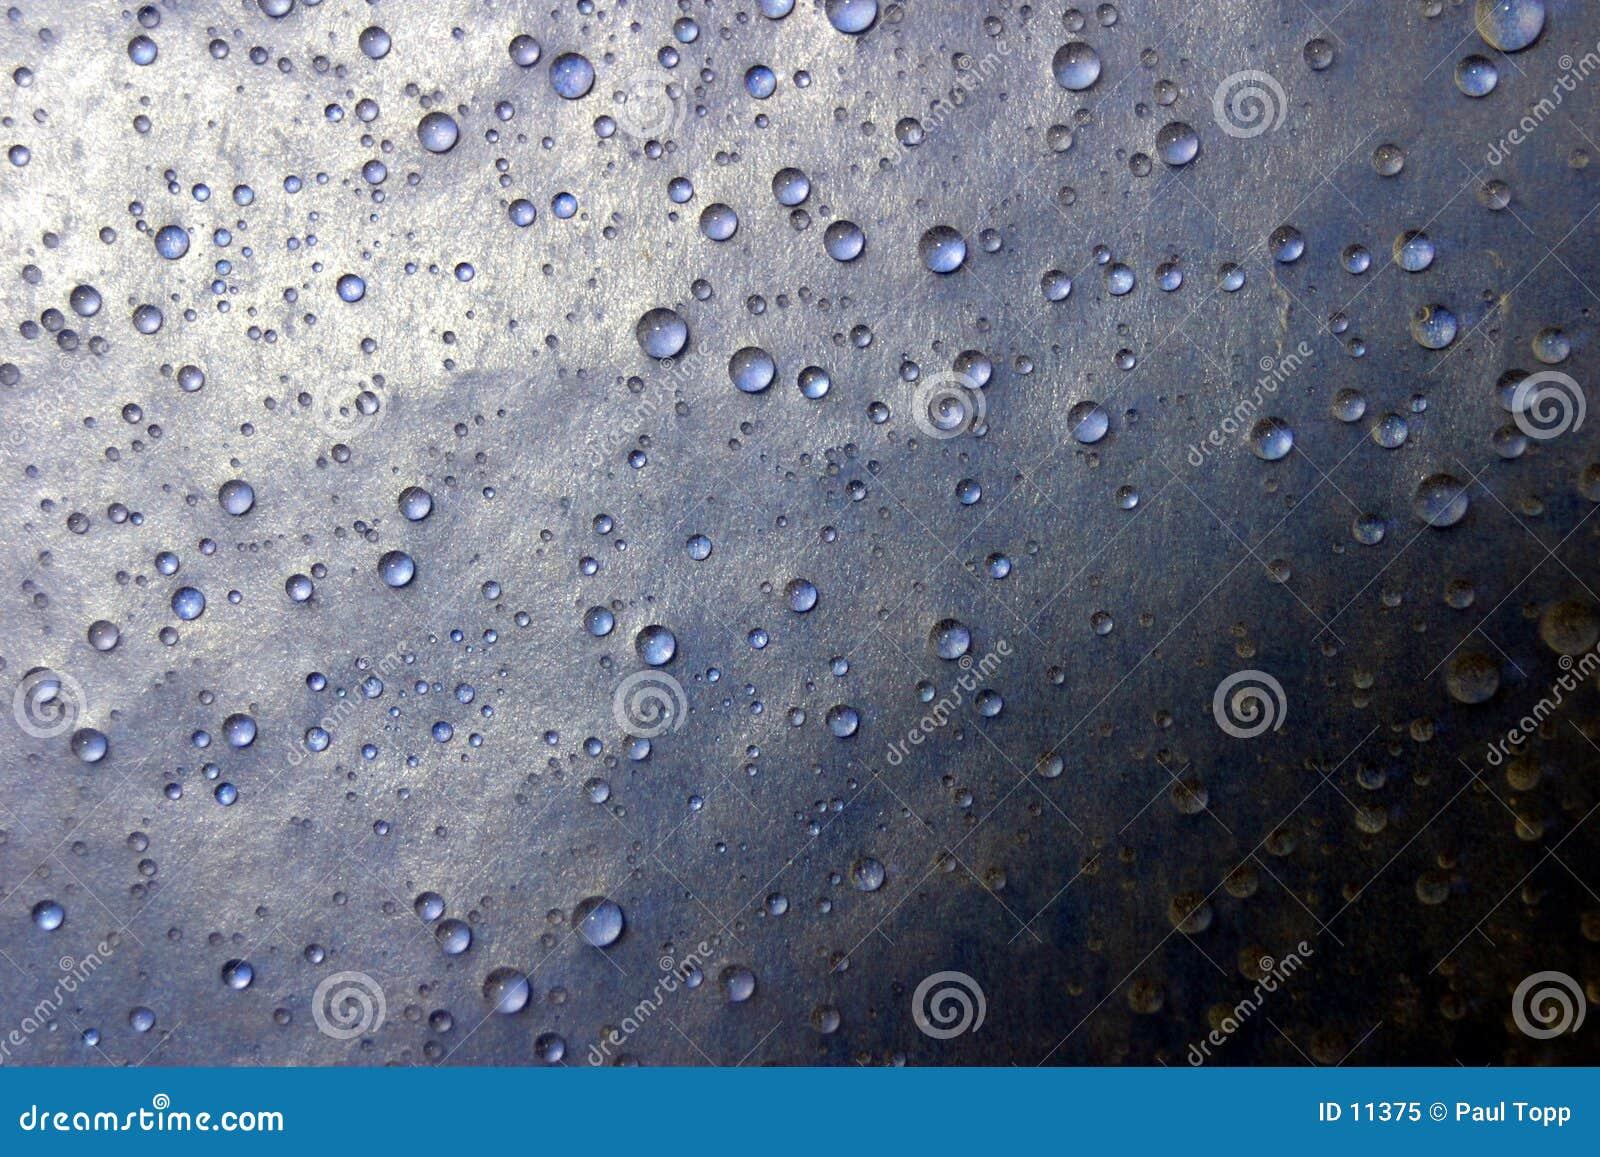 Water Drop Shades